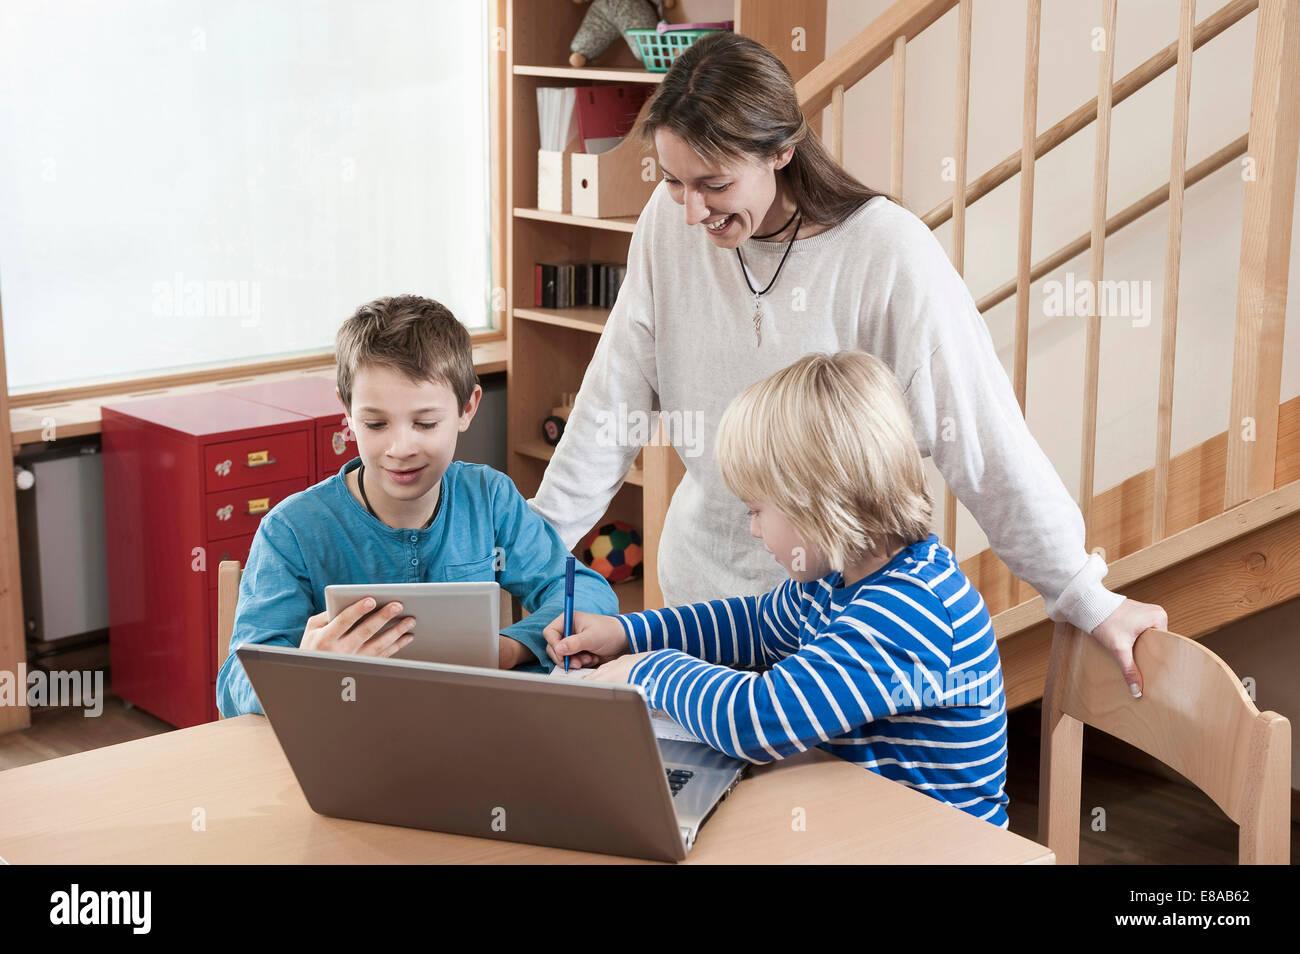 Zwei jungen und weiblichen Kinderpflegerin mit Laptop und Tablet-computer Stockbild